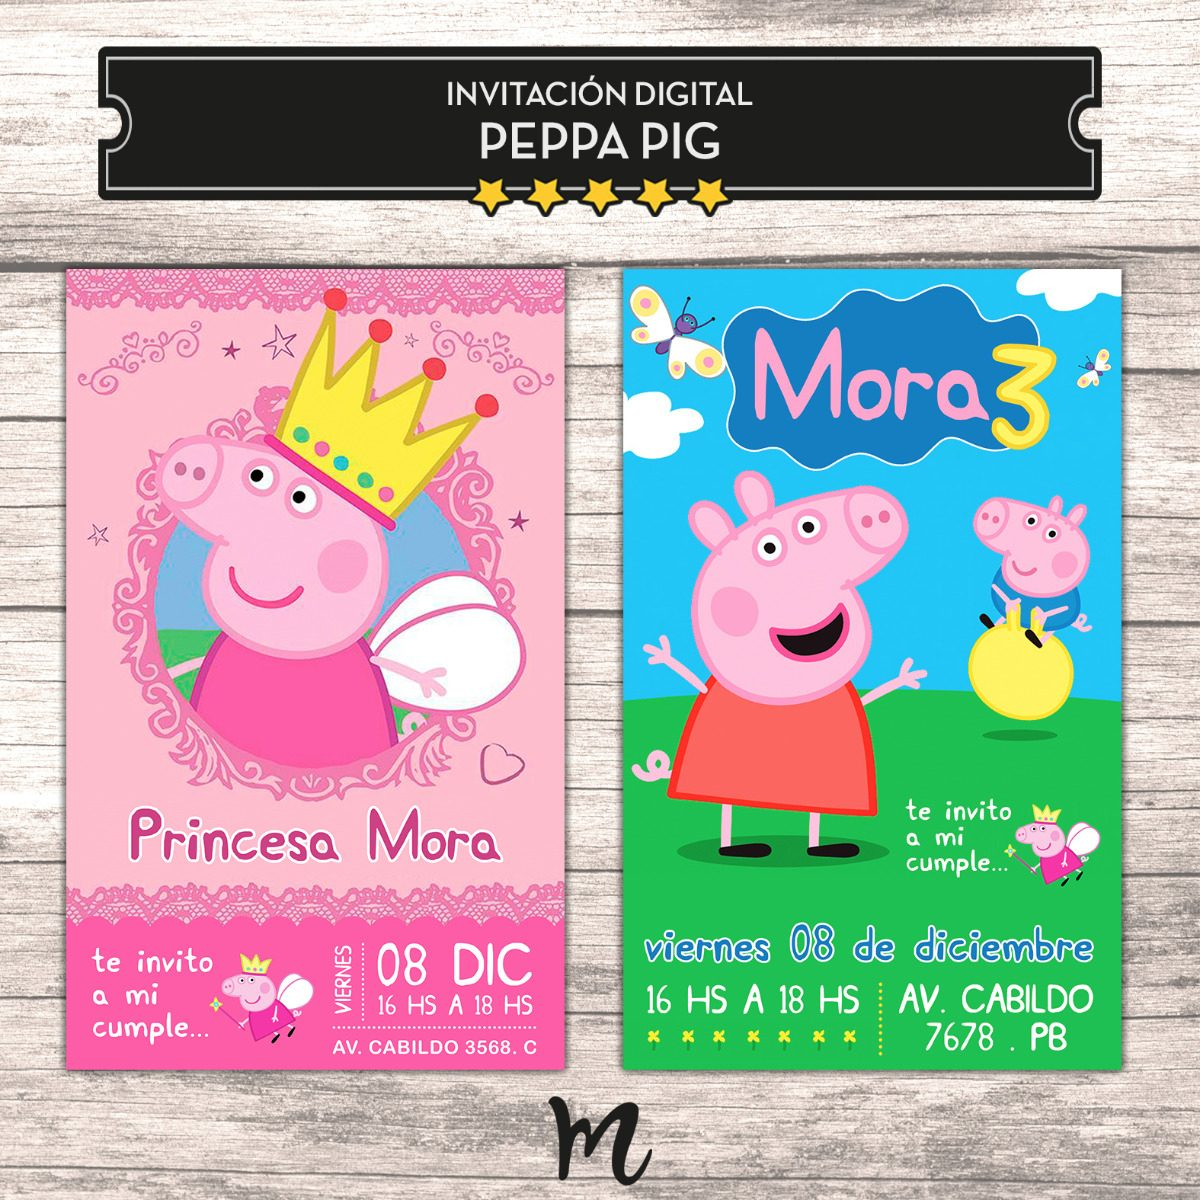 Invitaciones Digital Imprimible Tarjeta Cumple Peppa Pig 110 00